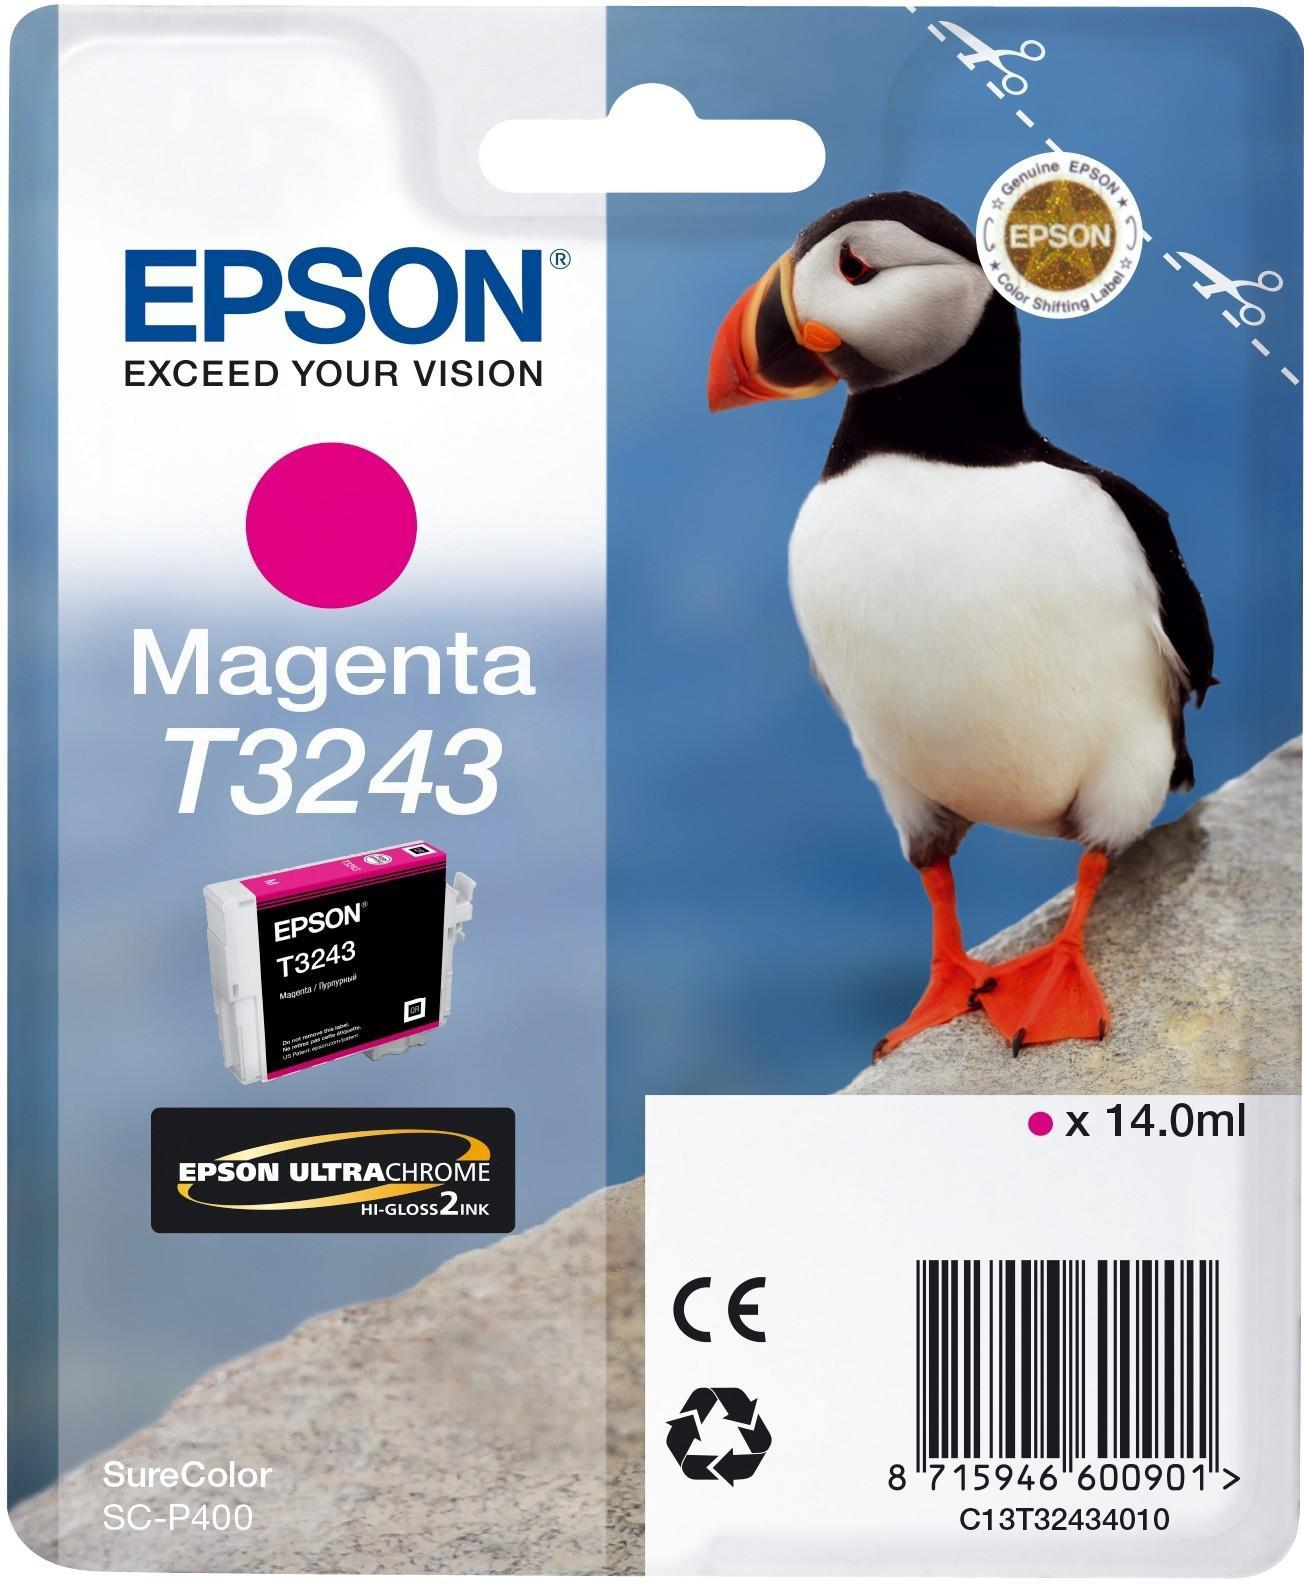 Cartucho de tinta magenta C13T32434010 T3243 980 páginas 14ml